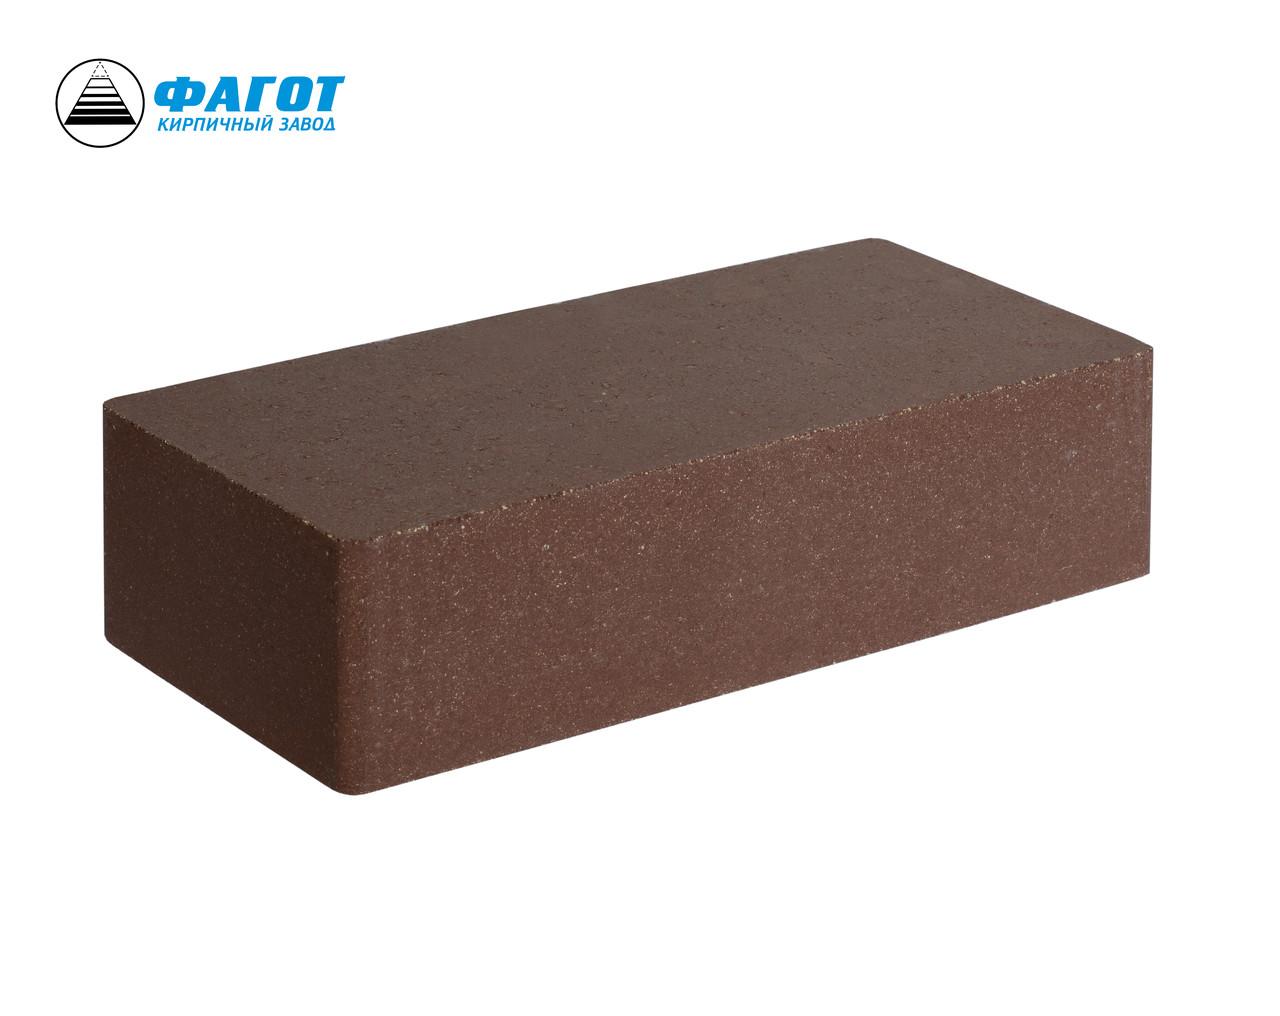 Кирпич облицовочный ФАГОТ коричневый гладкий Е